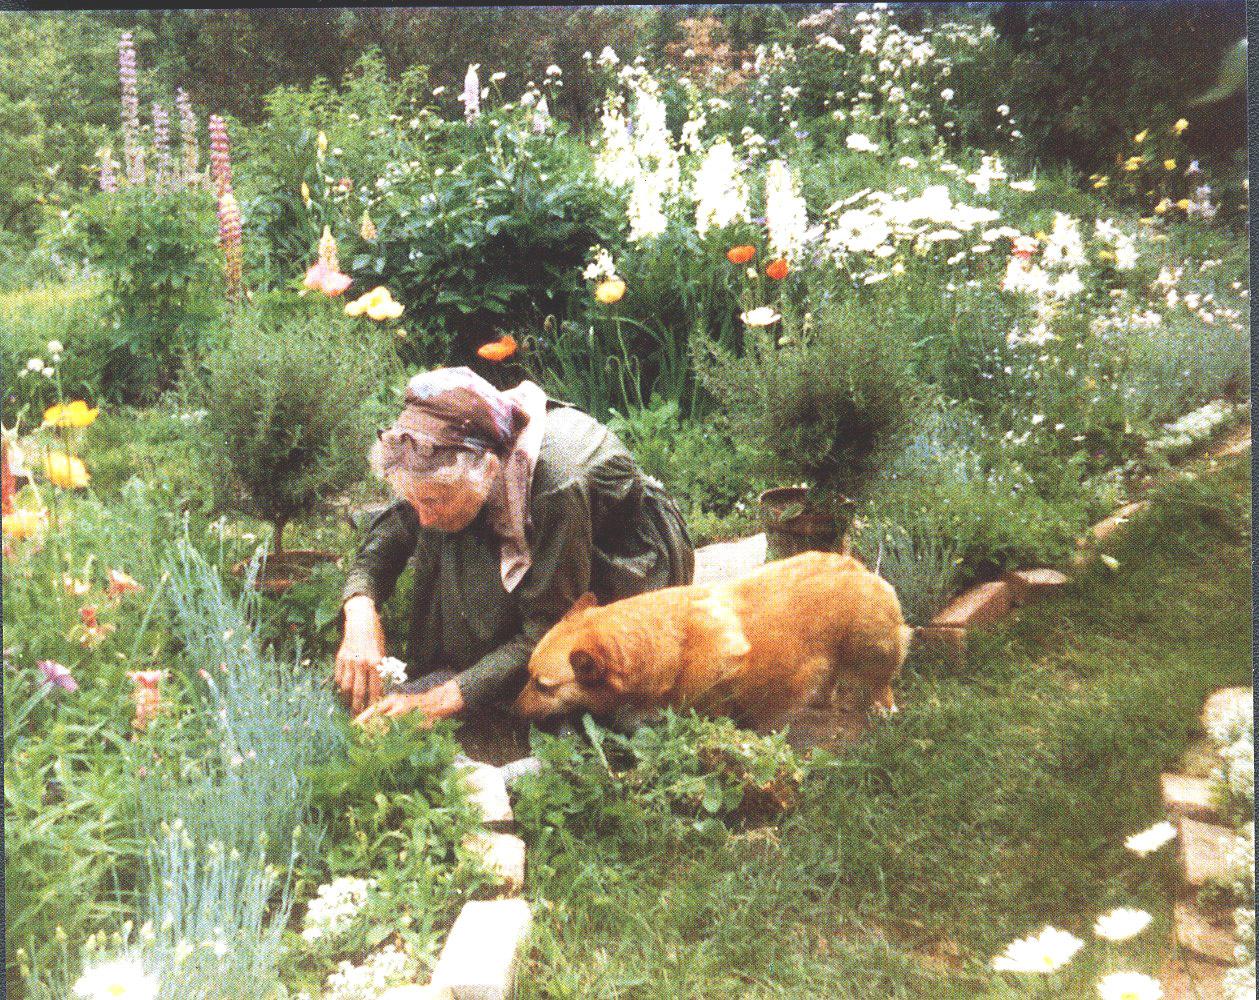 Cuộc sống an yên của cụ bà 92 tuổi bên khu vườn tự tay trồng hoa, rau quả ở vùng thôn quê - Ảnh 14.